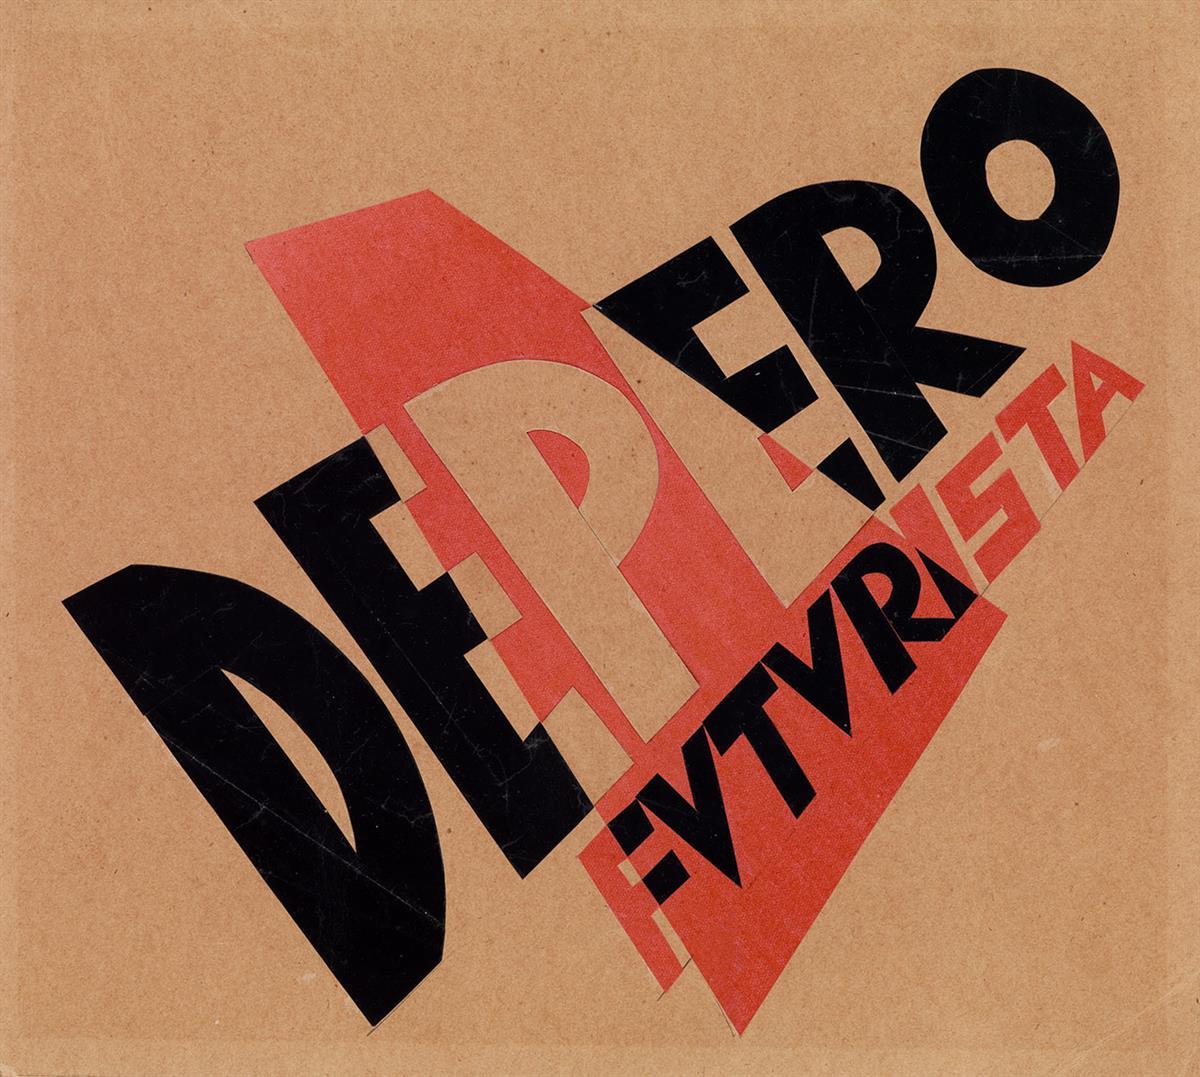 FORTUNATO DEPERO (1892-1960). FUTURISTA. Collage on paper. Circa 1927. 9x11 inches, 24x28 cm.